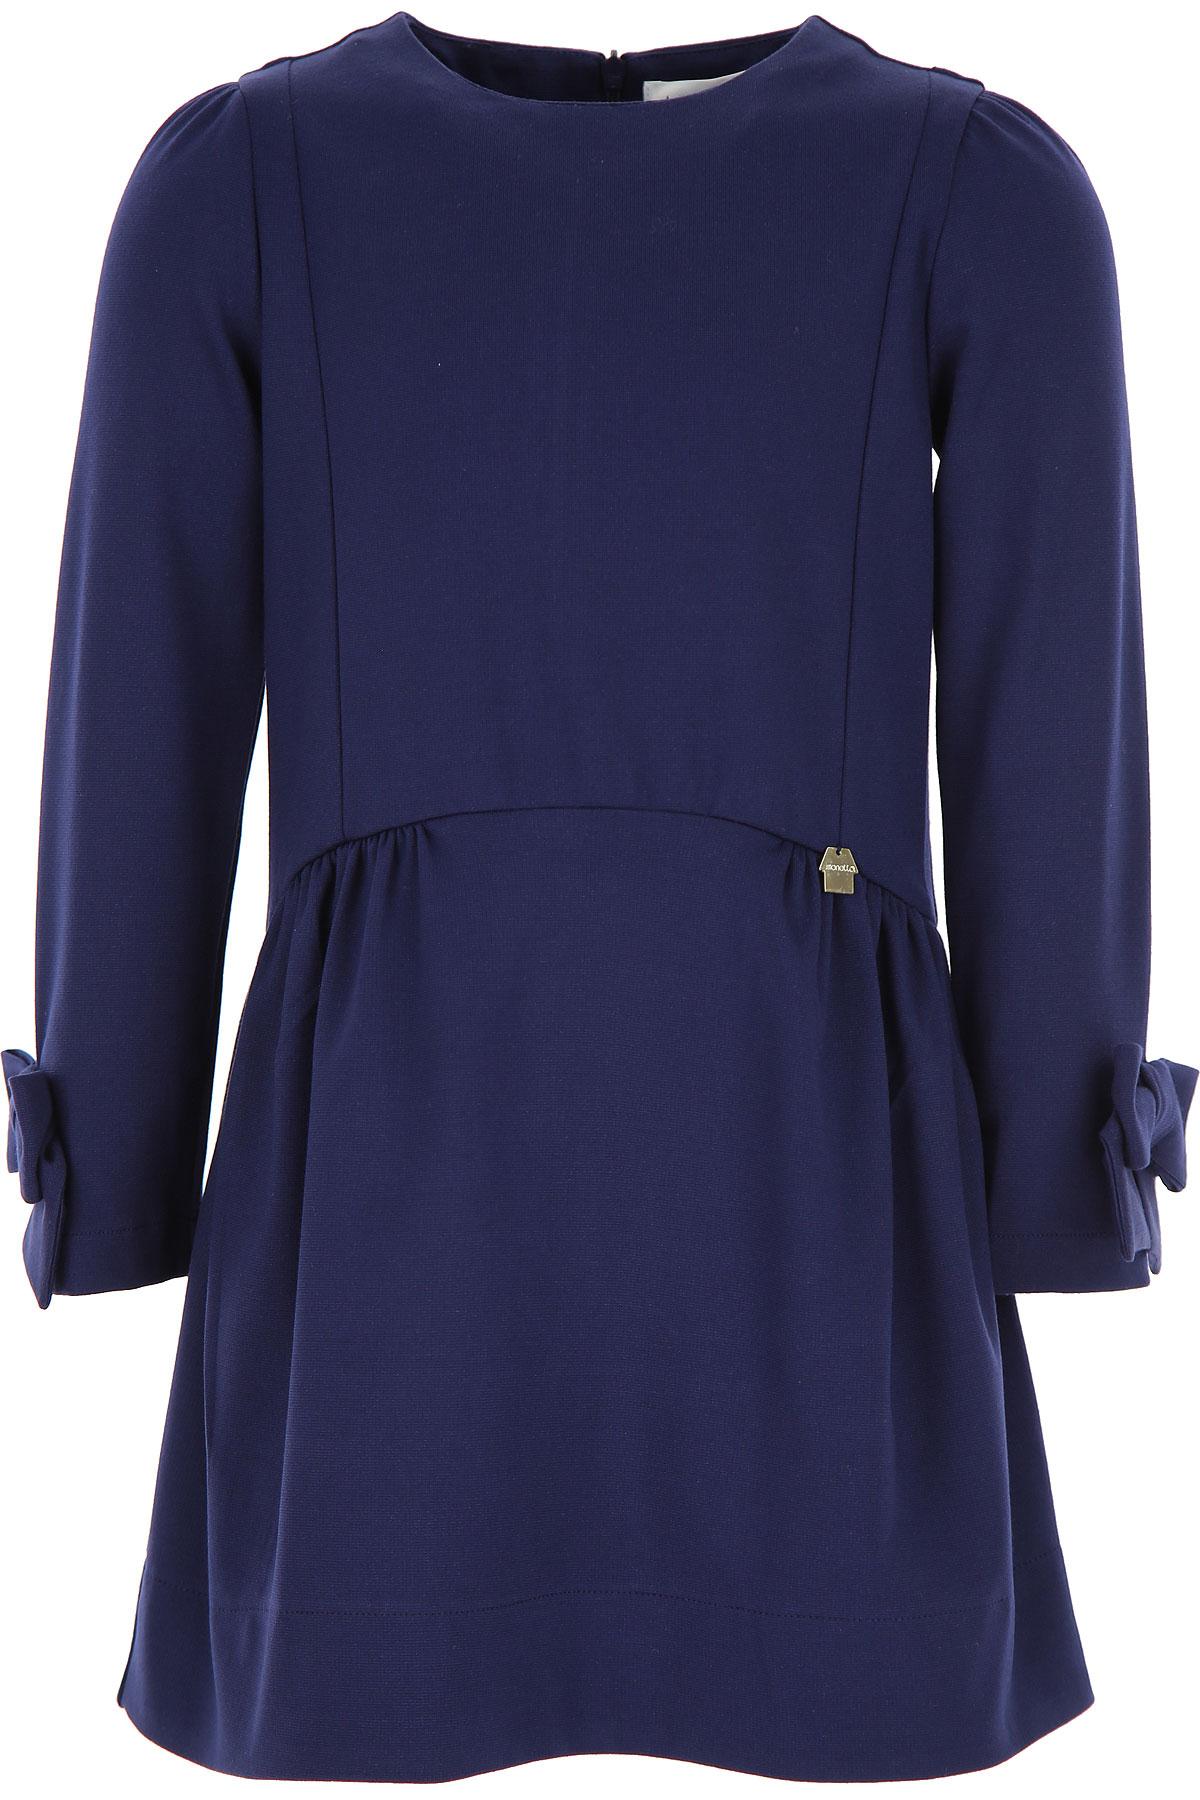 Simonetta Girls Dress On Sale, Dark Blue, Viscose, 2019, 2Y 3Y 4Y 6Y 8Y